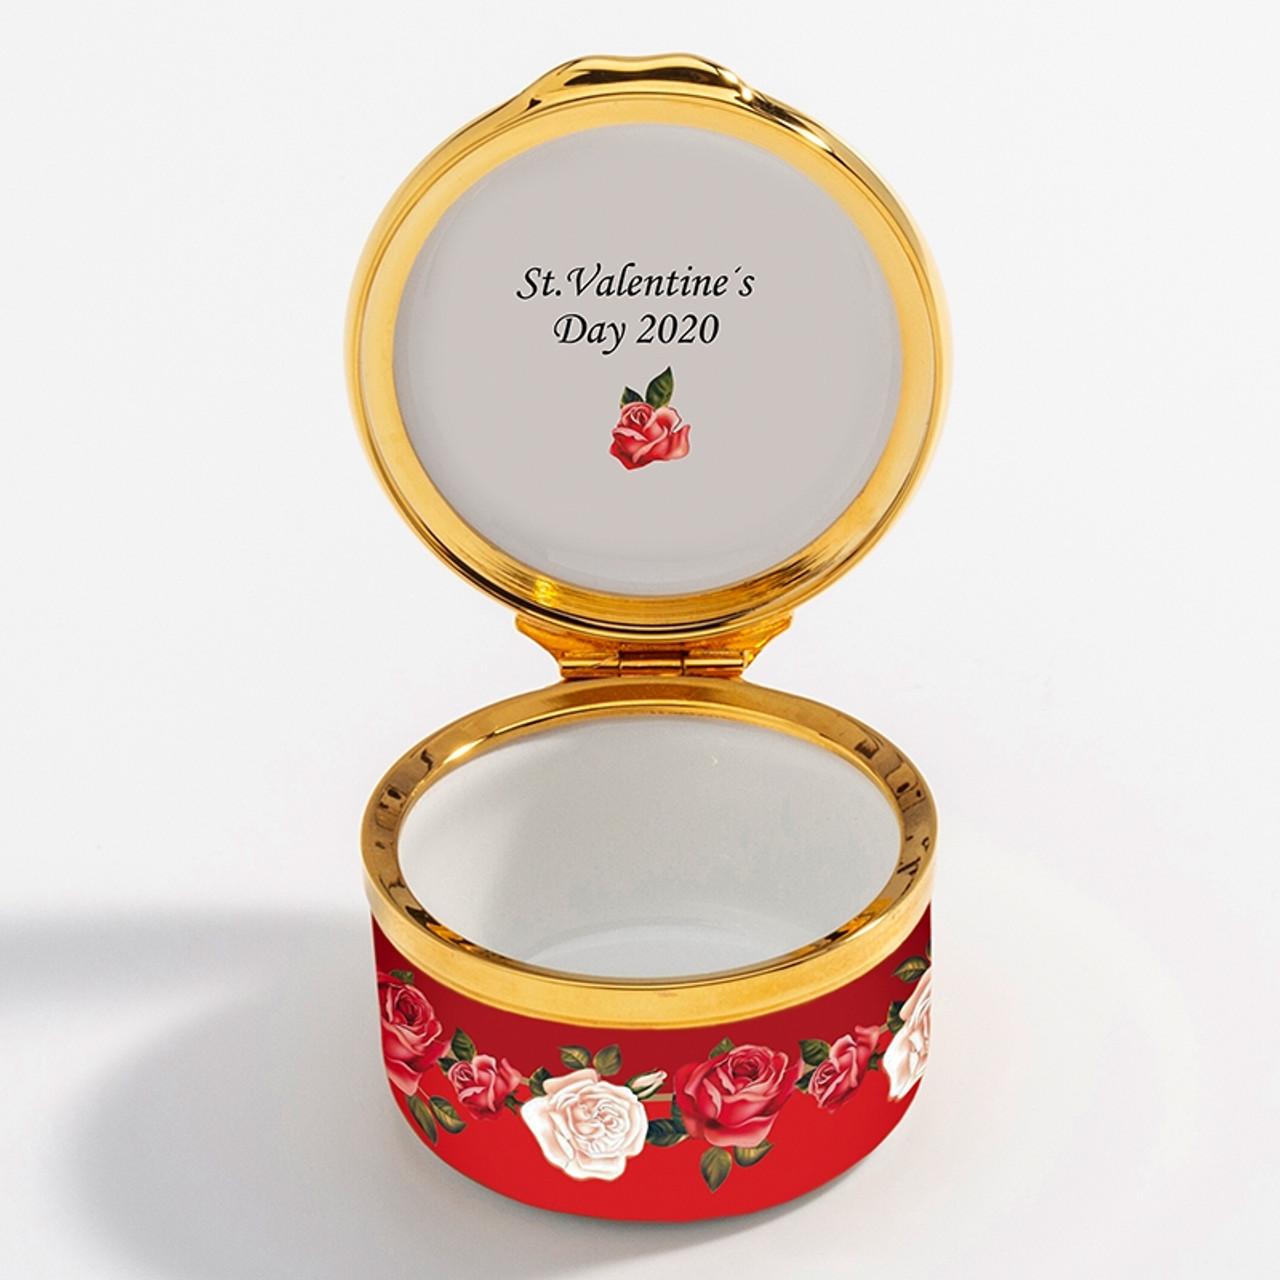 Halcyon Days 2020 St. Valentine's Day ENSV200101G